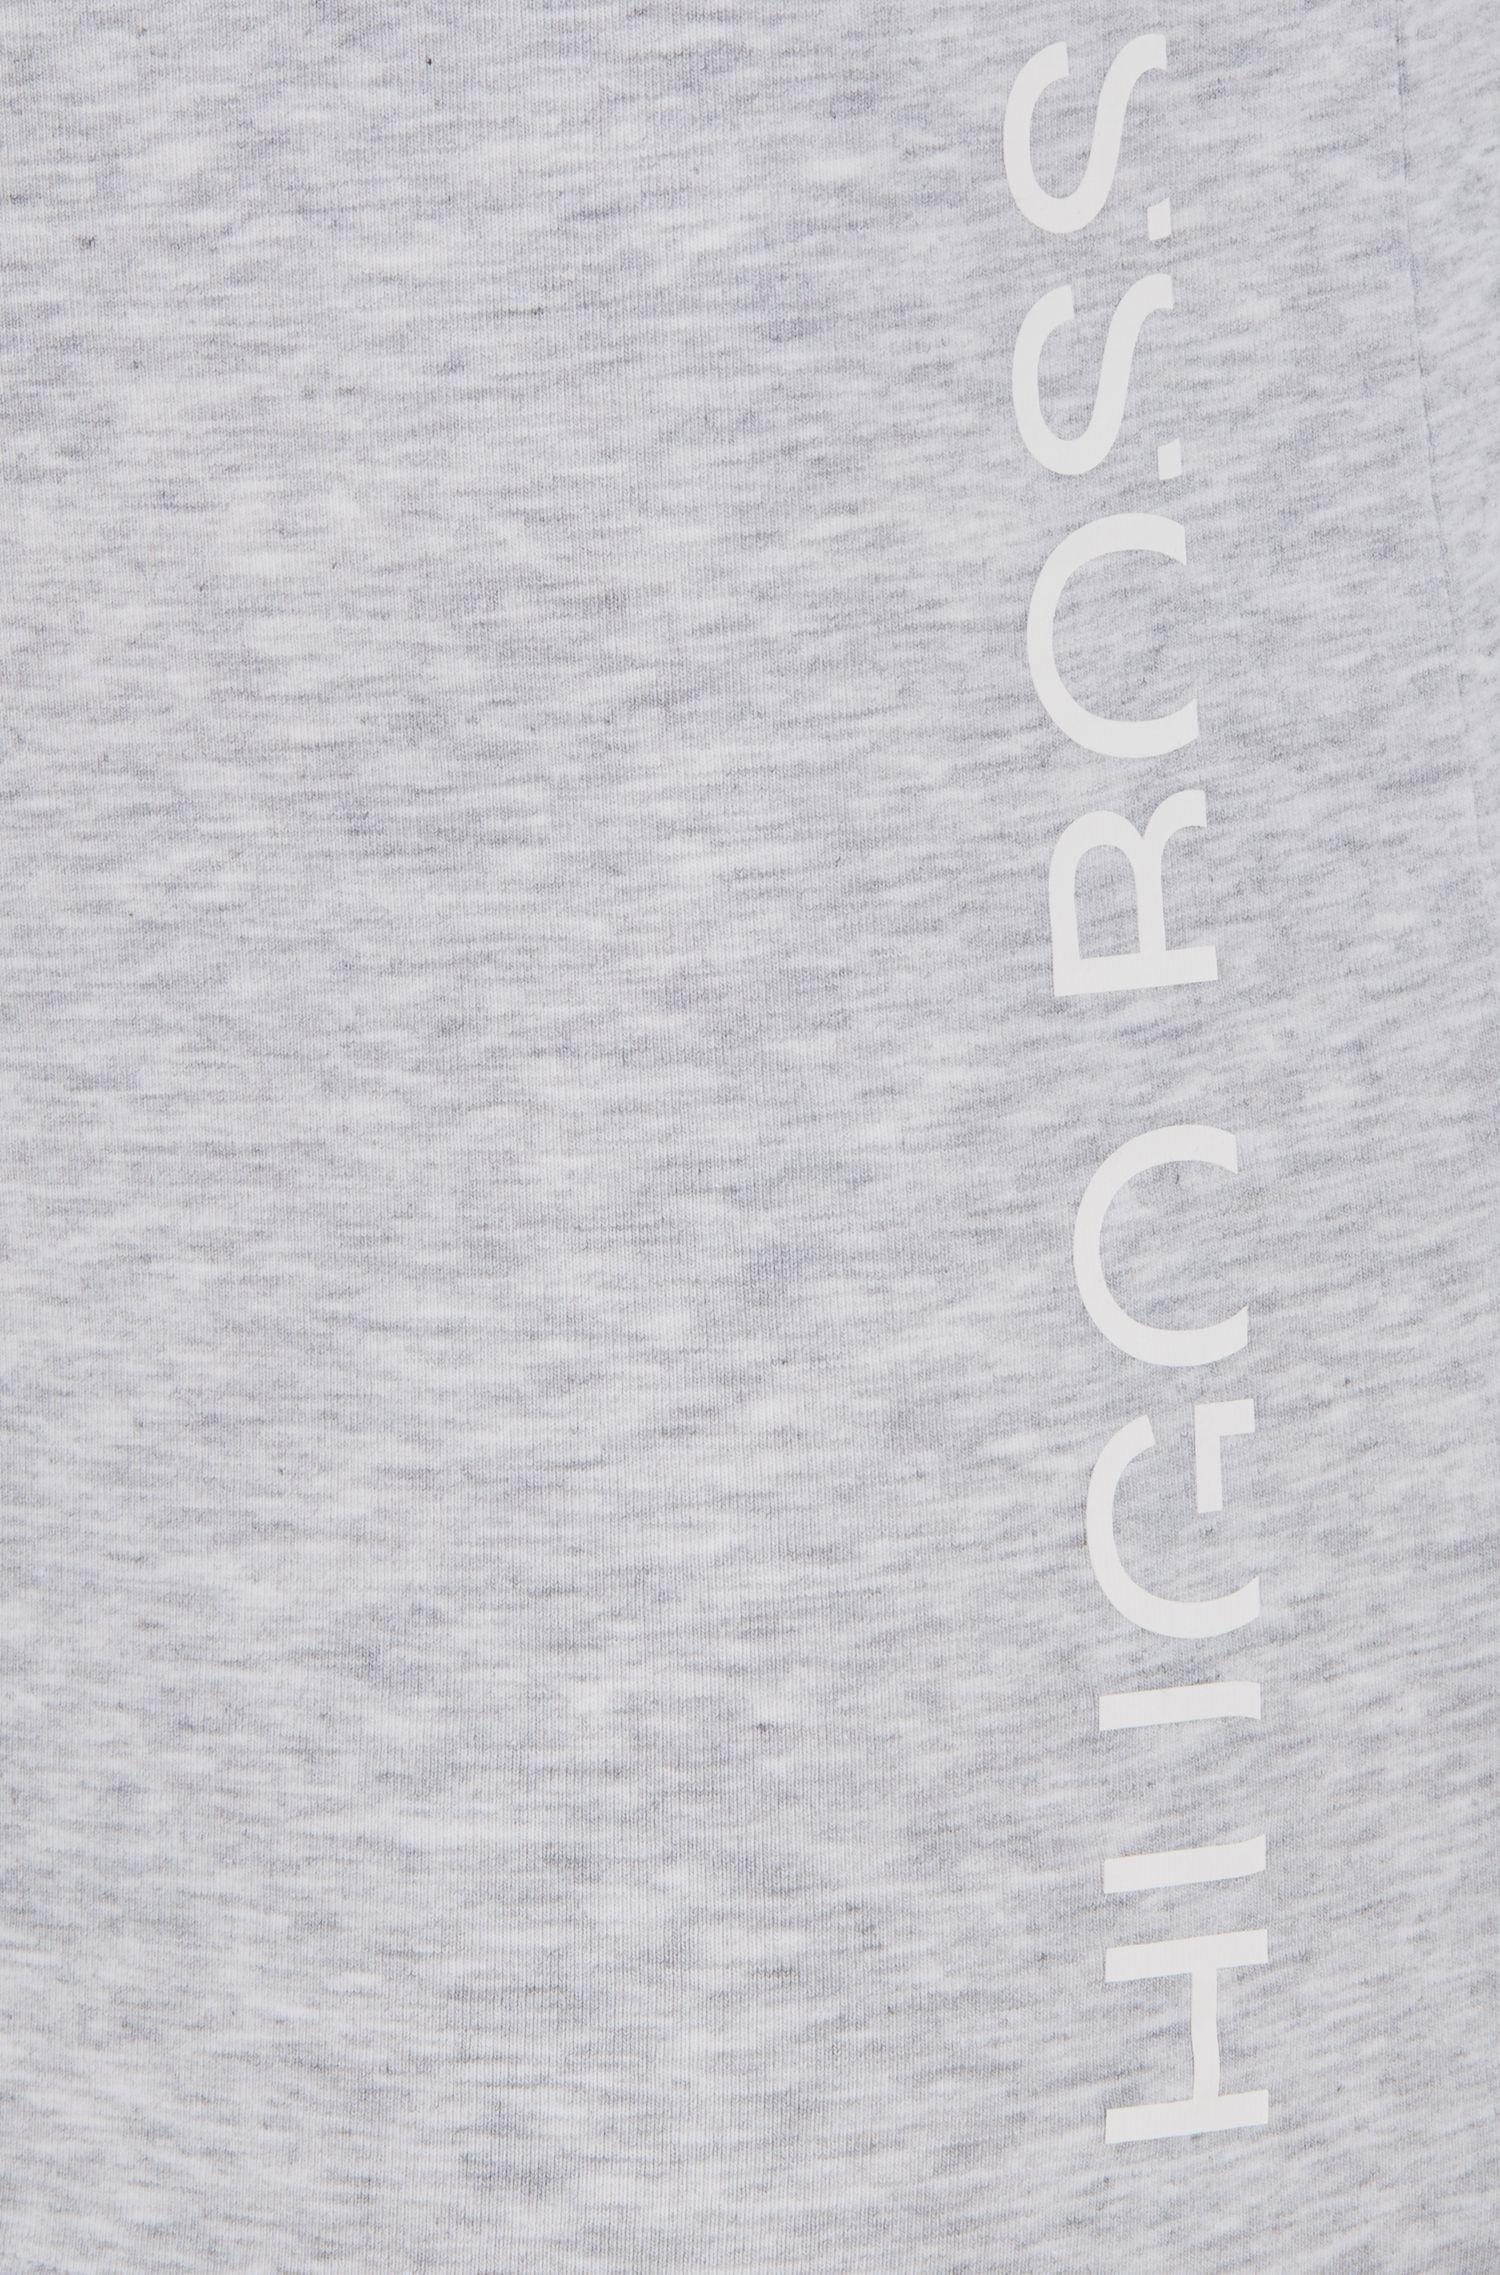 Unterhemd aus Single Jersey mit abgeschnittenem Logo in Kontrastfarbe, Silber